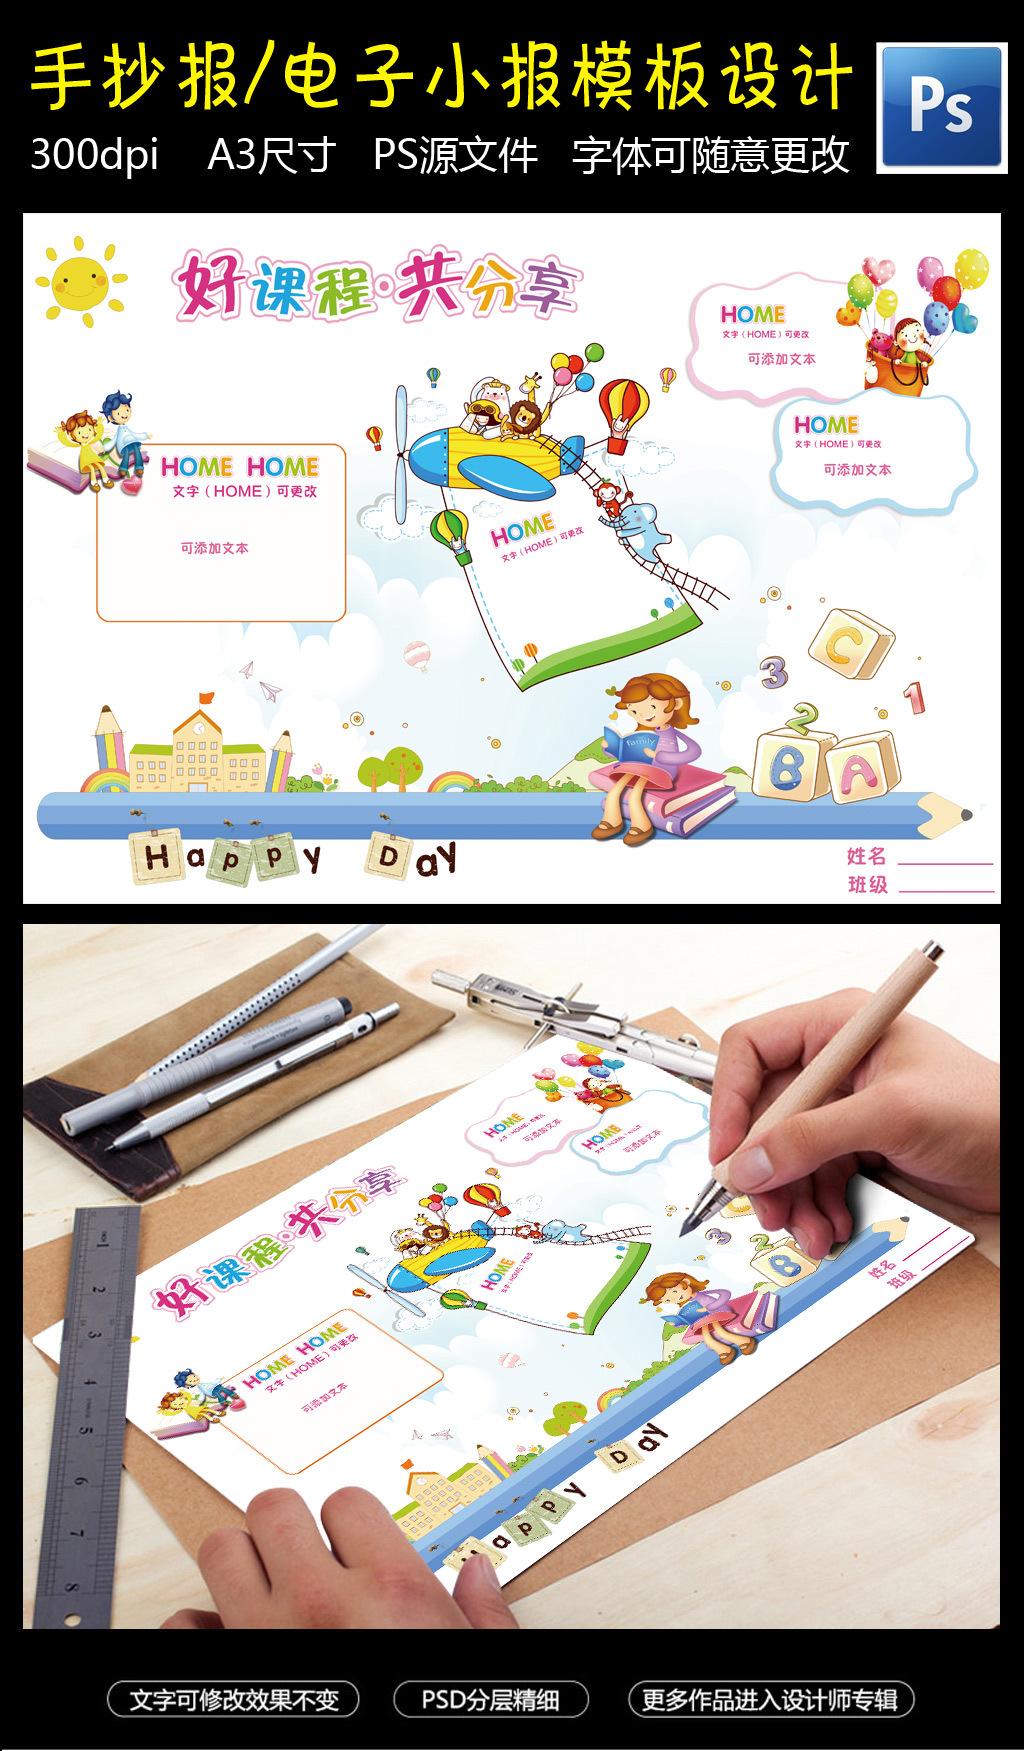 原创设计小学生读书小报空白手抄报电子小报模板